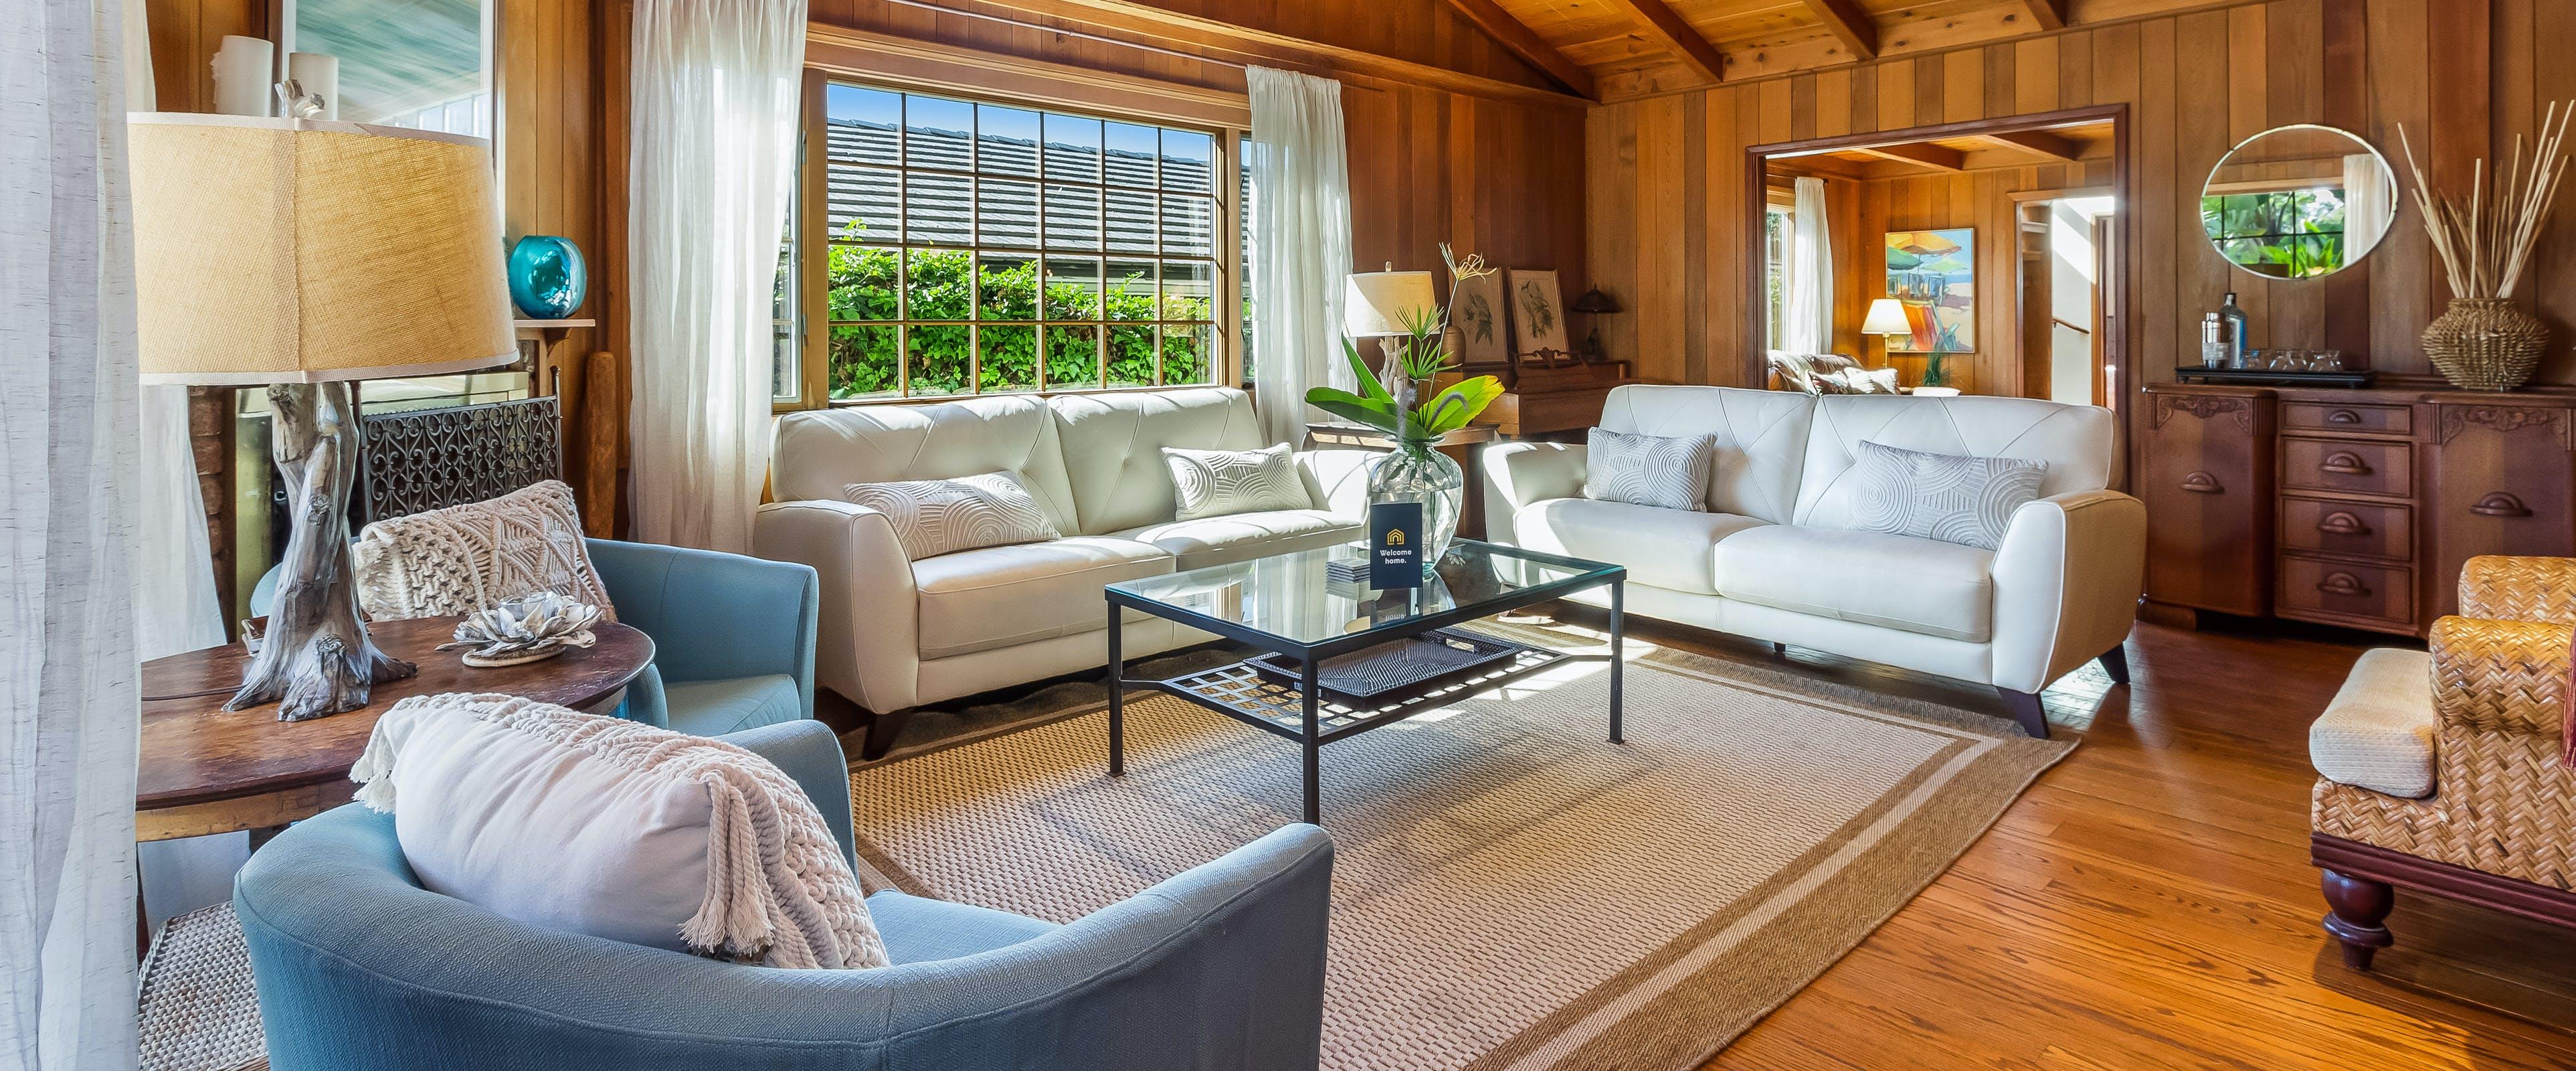 living room of Carlsbad, CA vacation cabin